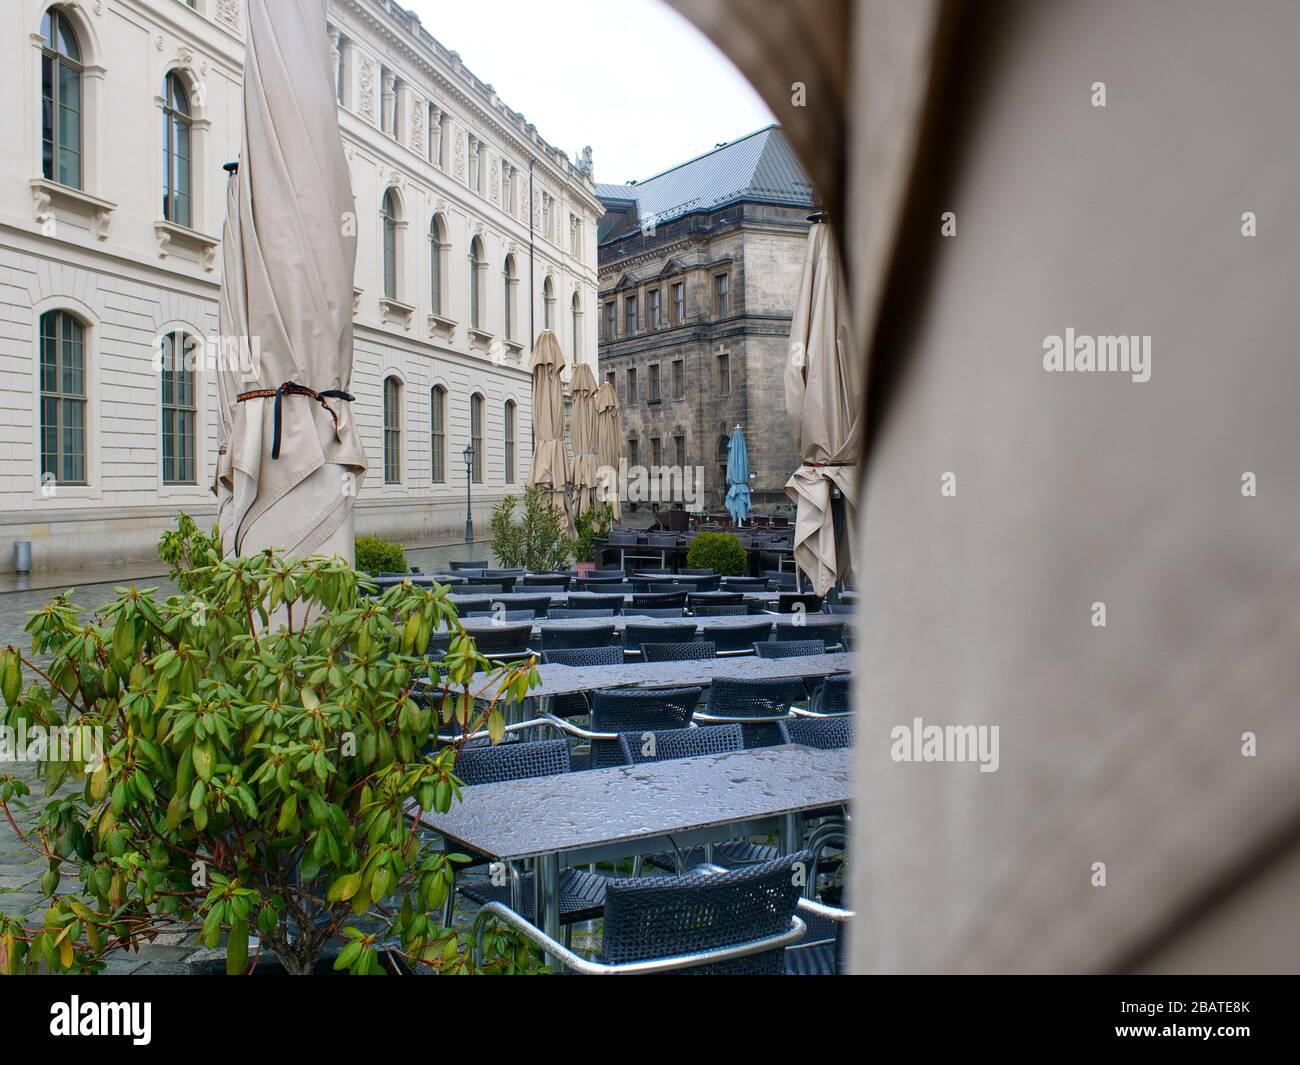 Leere Tische und Stühle in Dresden wegen Coronavirus Lockdown COVID-19 leeres Restaurant Gastronomie Stockfoto